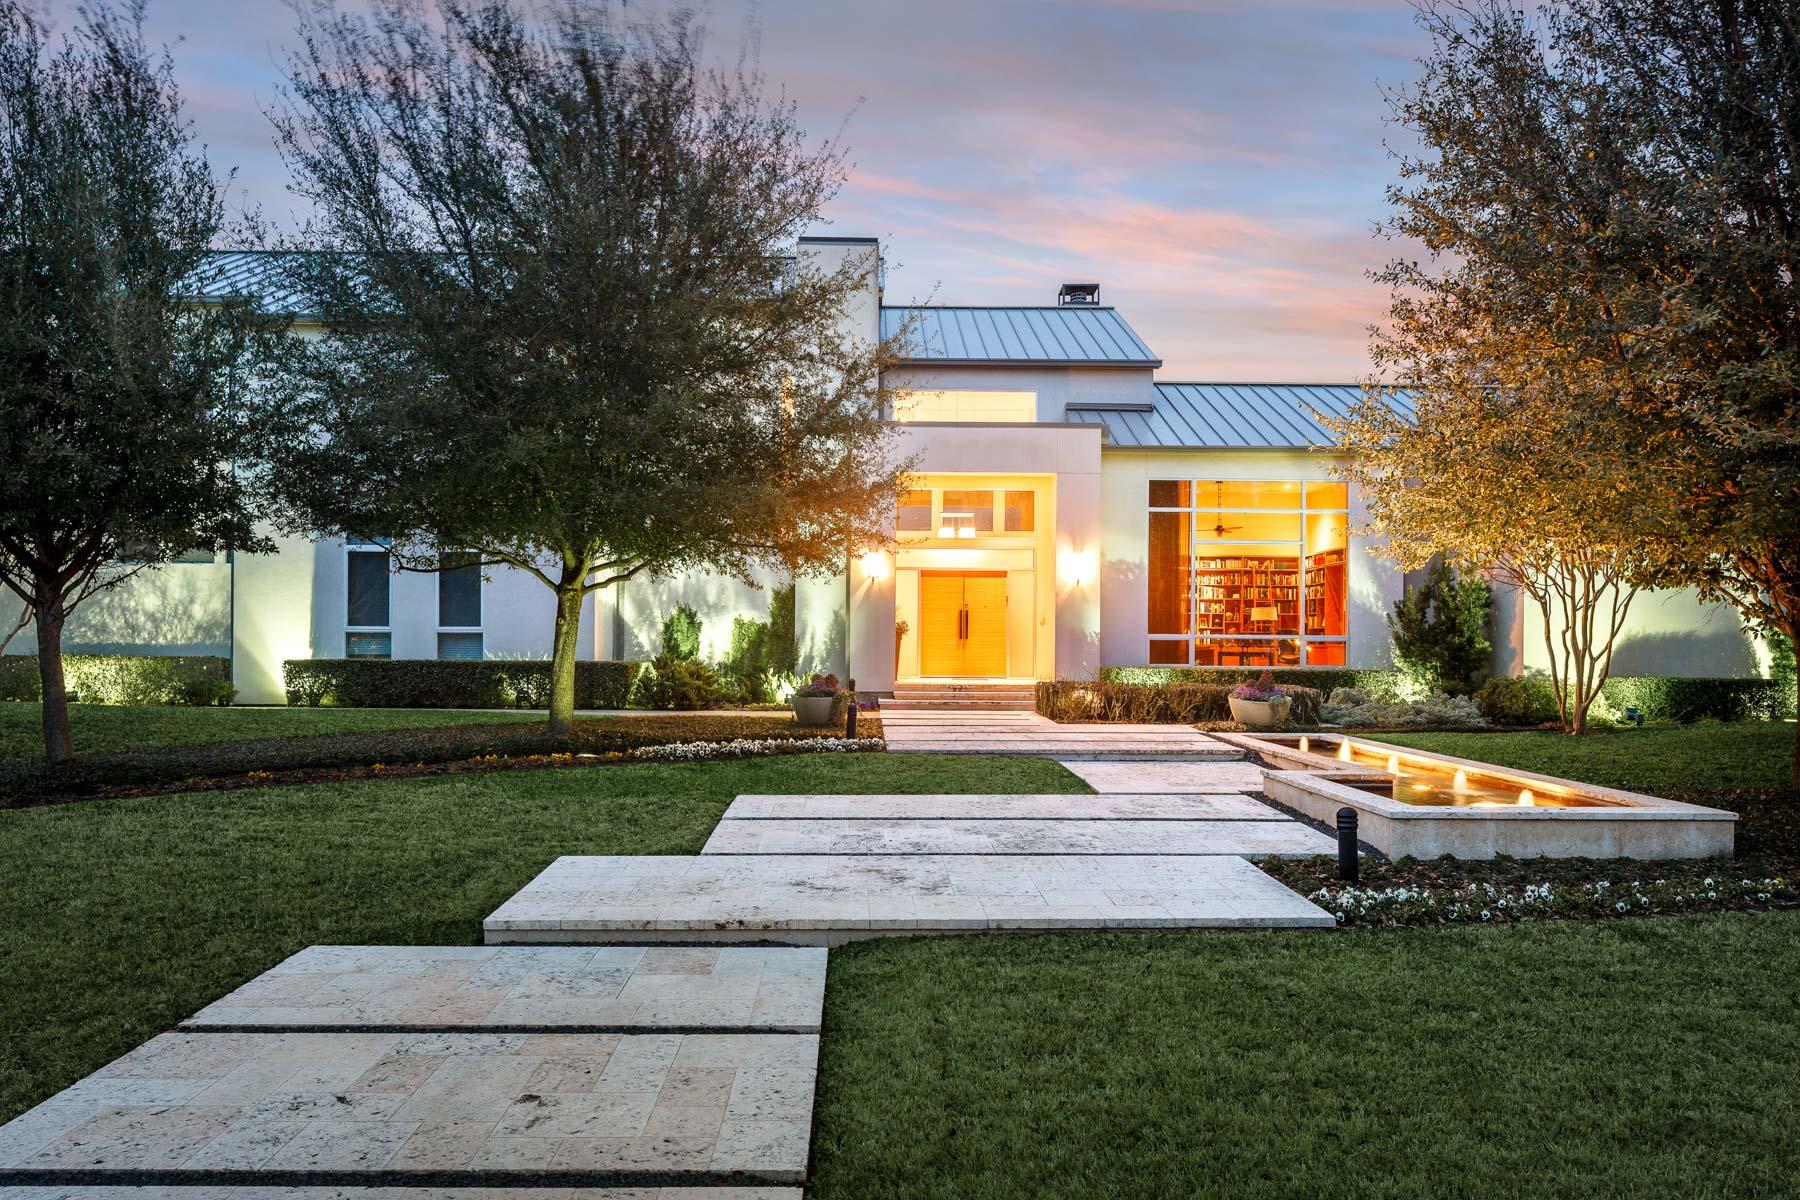 Частный односемейный дом для того Продажа на 4851 Harrys Lane, Dallas 4851 Harrys Ln Dallas, Техас, 75229 Соединенные Штаты